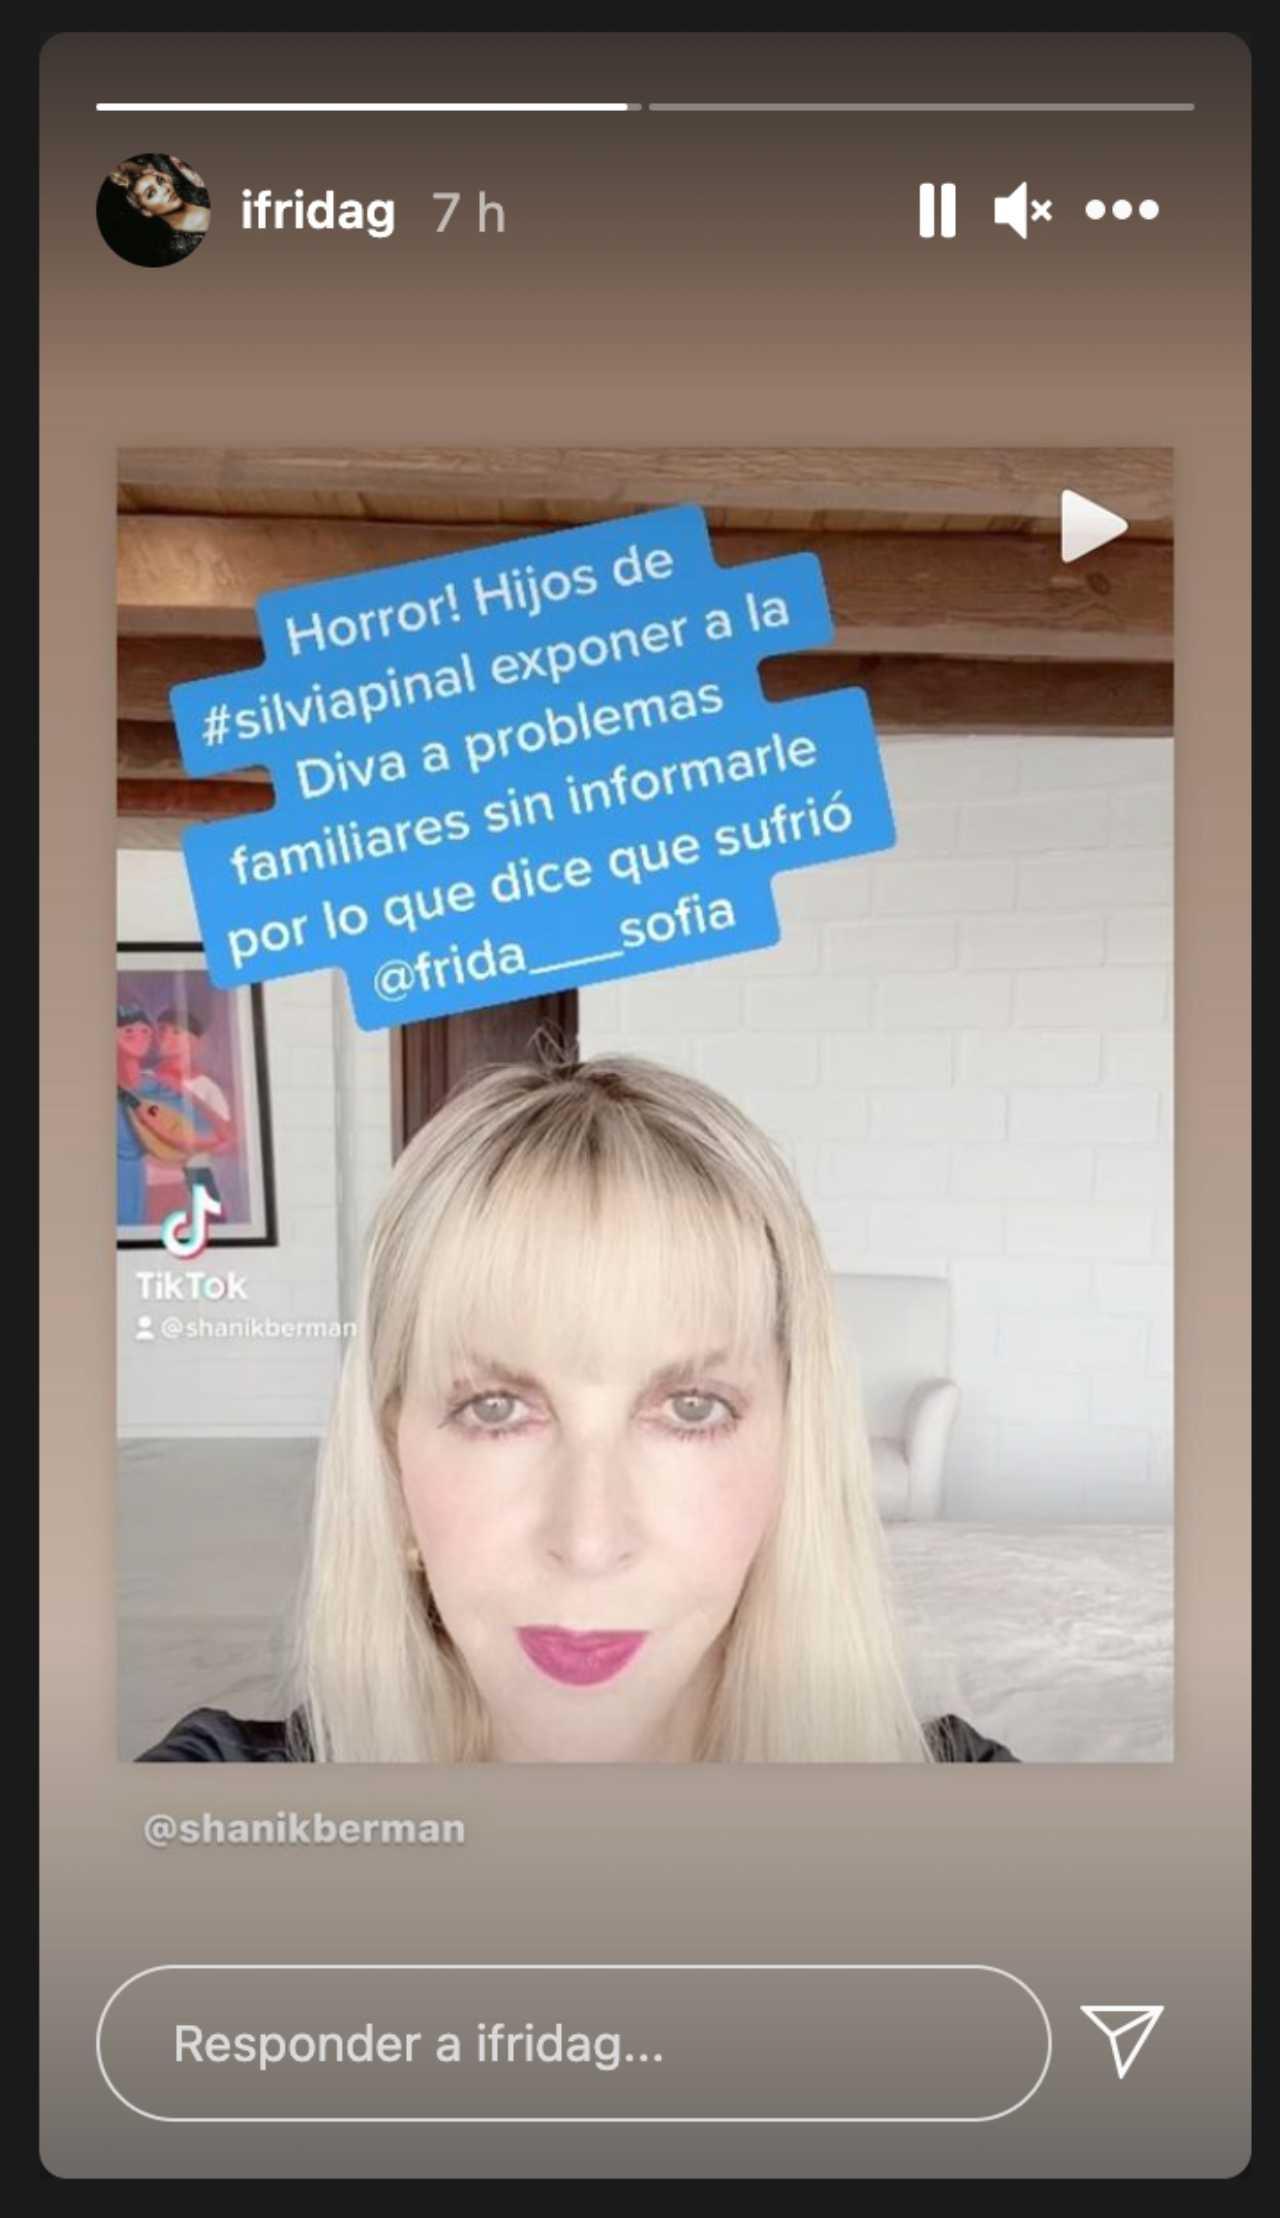 Frida Sofía compartió su posición sobre Silvia Pinal